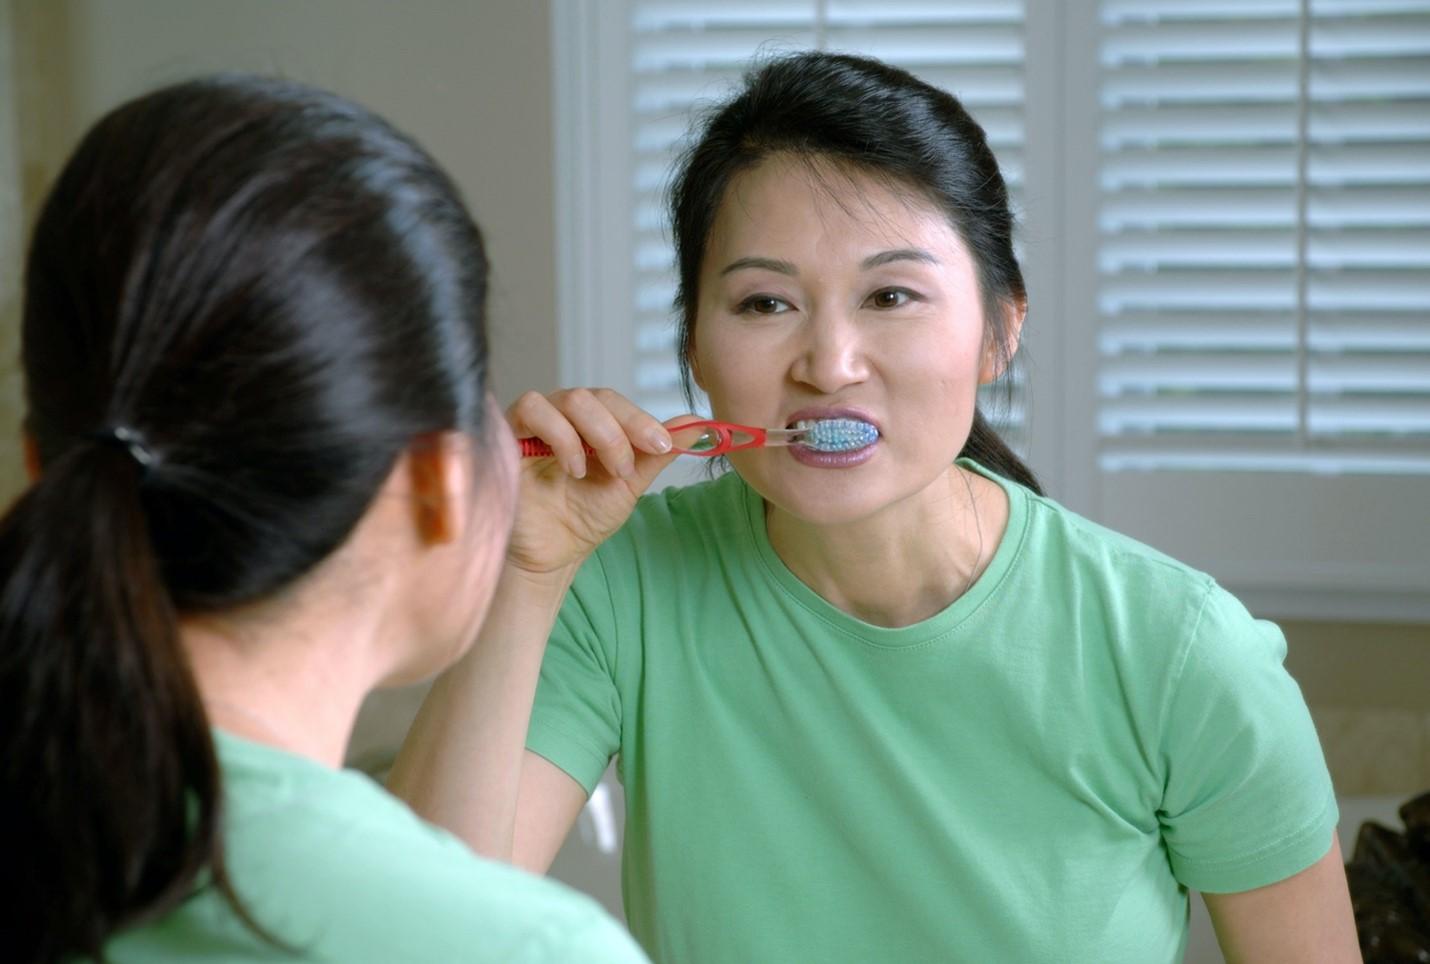 6 Tips to Keep Your Teeth Healthy